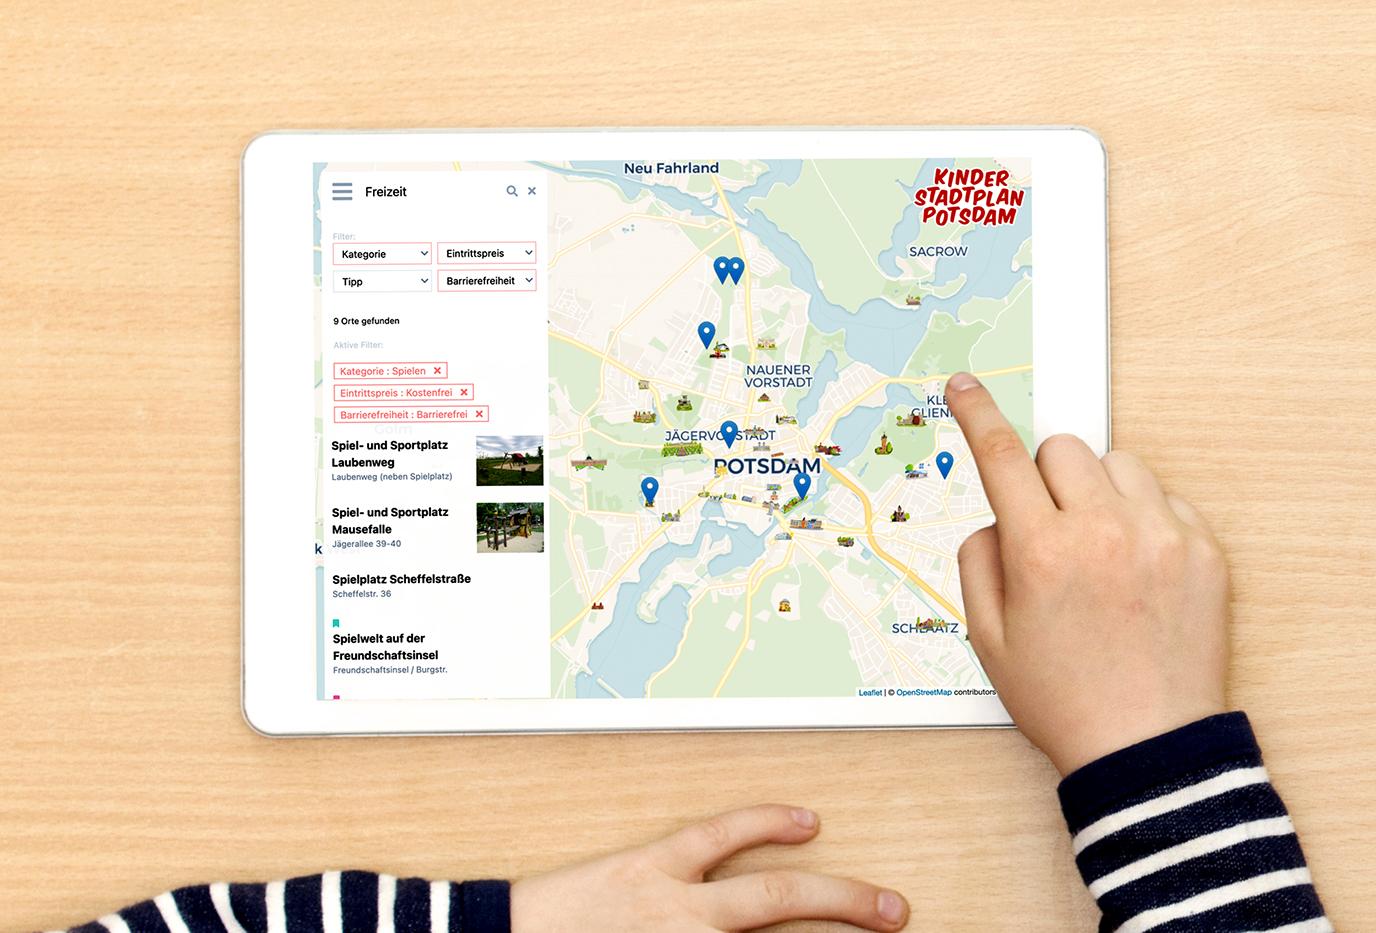 Kinderstadtplan Potsdam